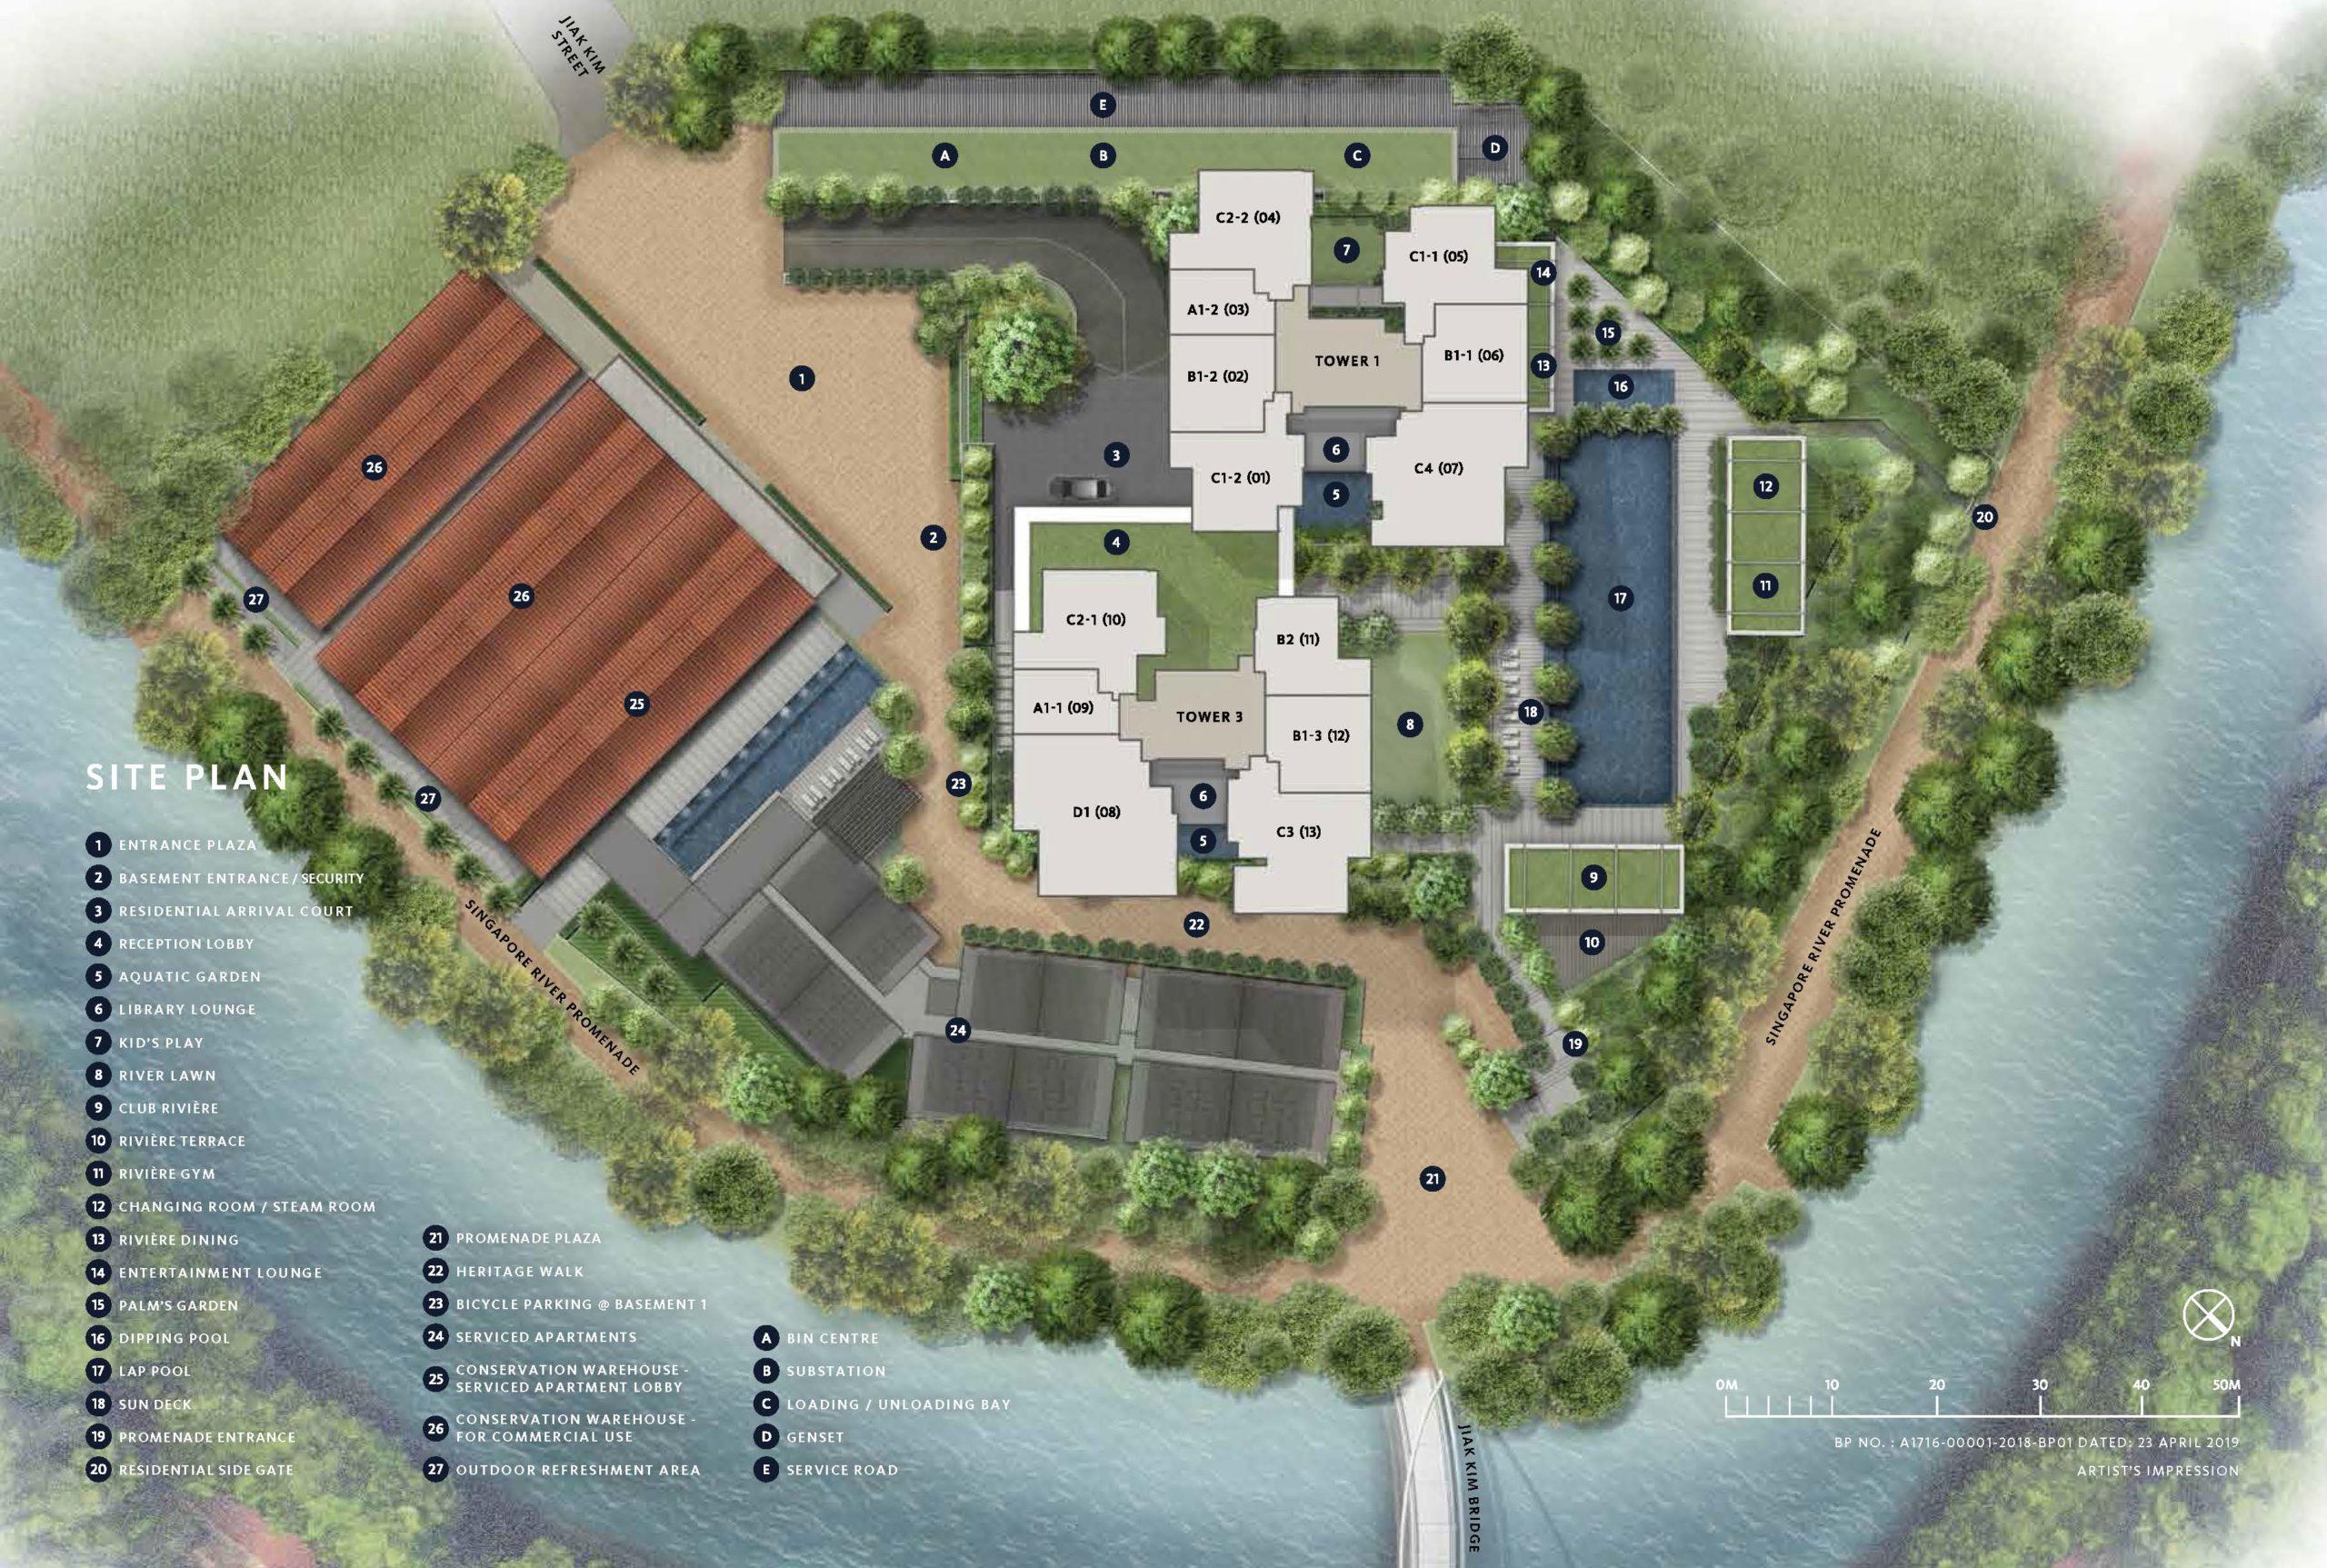 rivere site plan